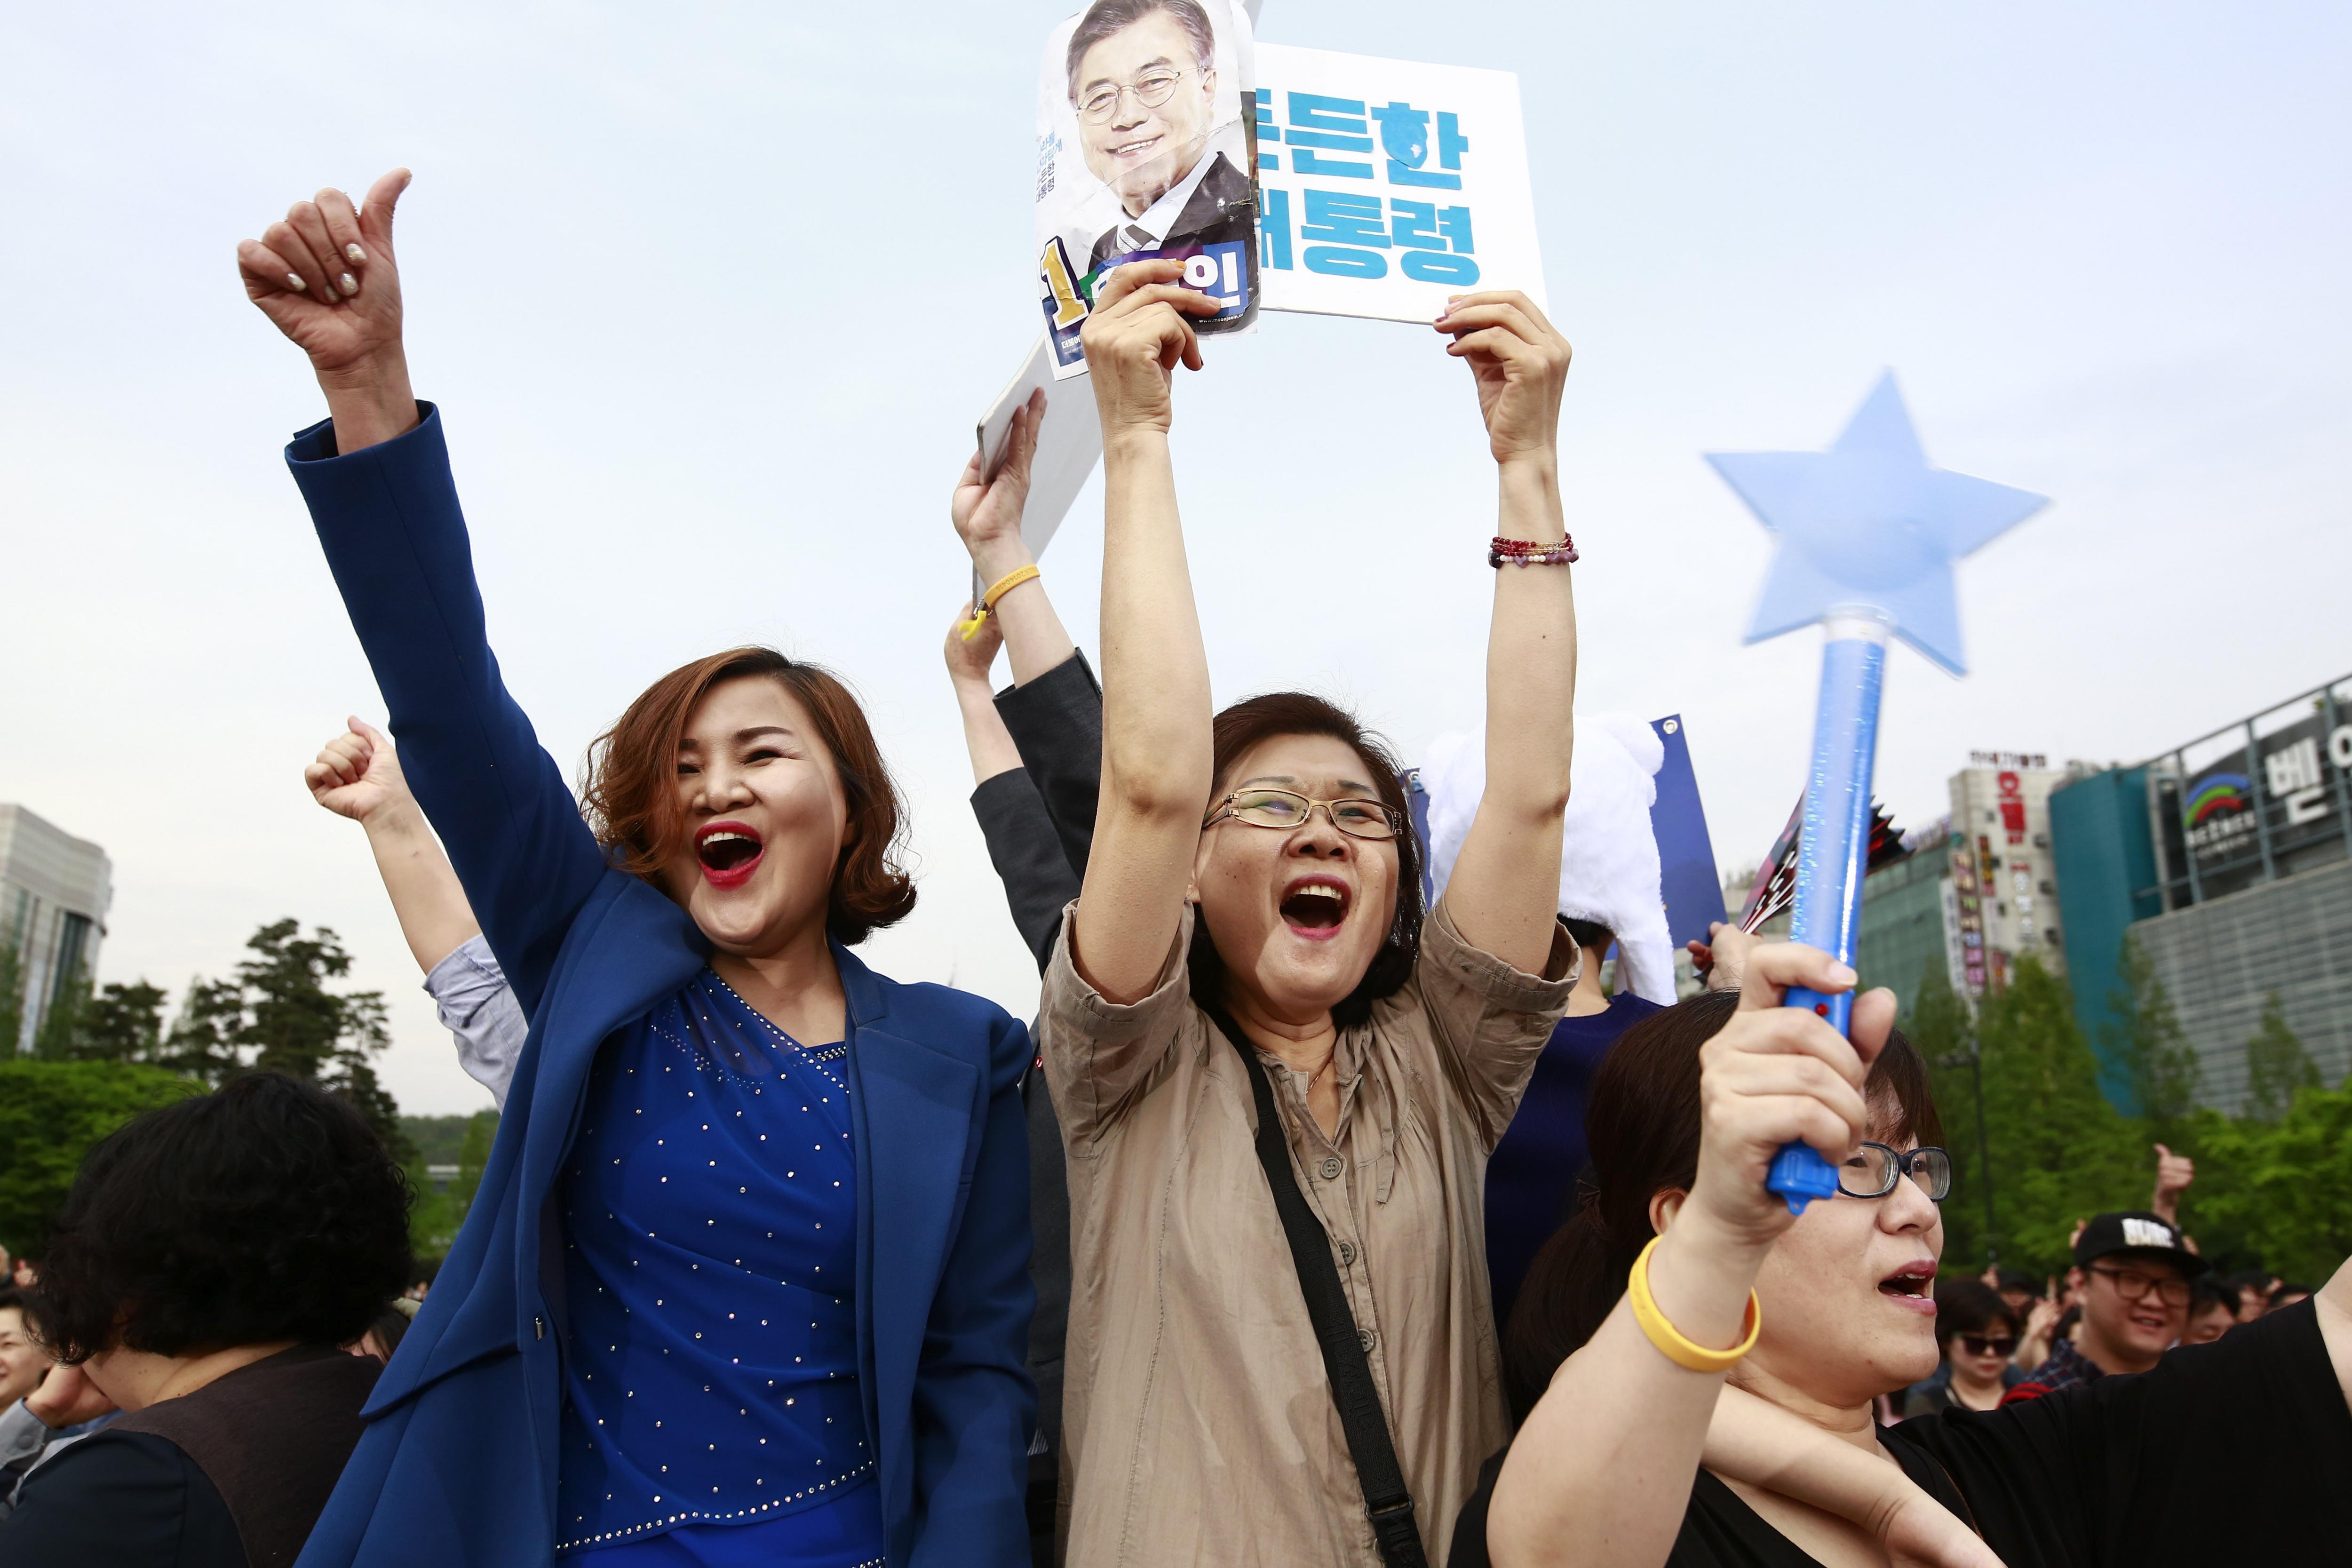 Simpatitzants del candidat presidencial sud-coreà Moon Jae-in, del Partit Democràtic de Corea, durant un acte de campanya a Goyang, a la província de Gyeonggi-do (Corea del Sud). /JEON HEON-KYUN